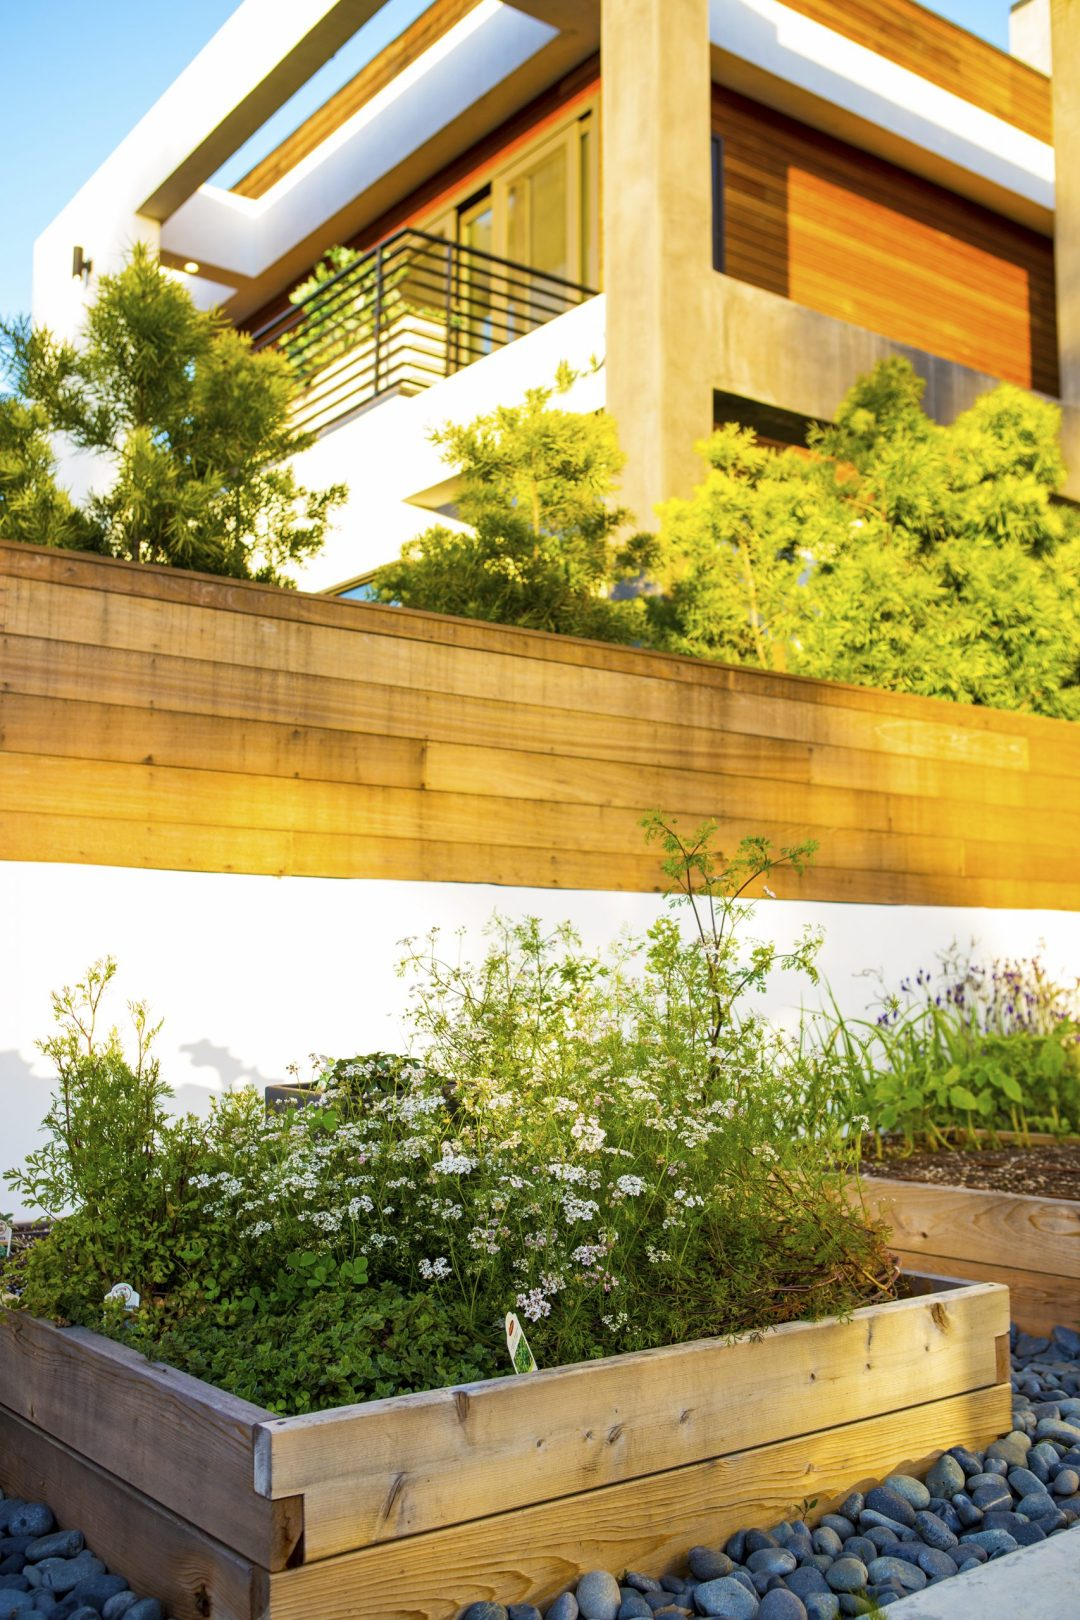 How to Design a Modern Vegetable Garden